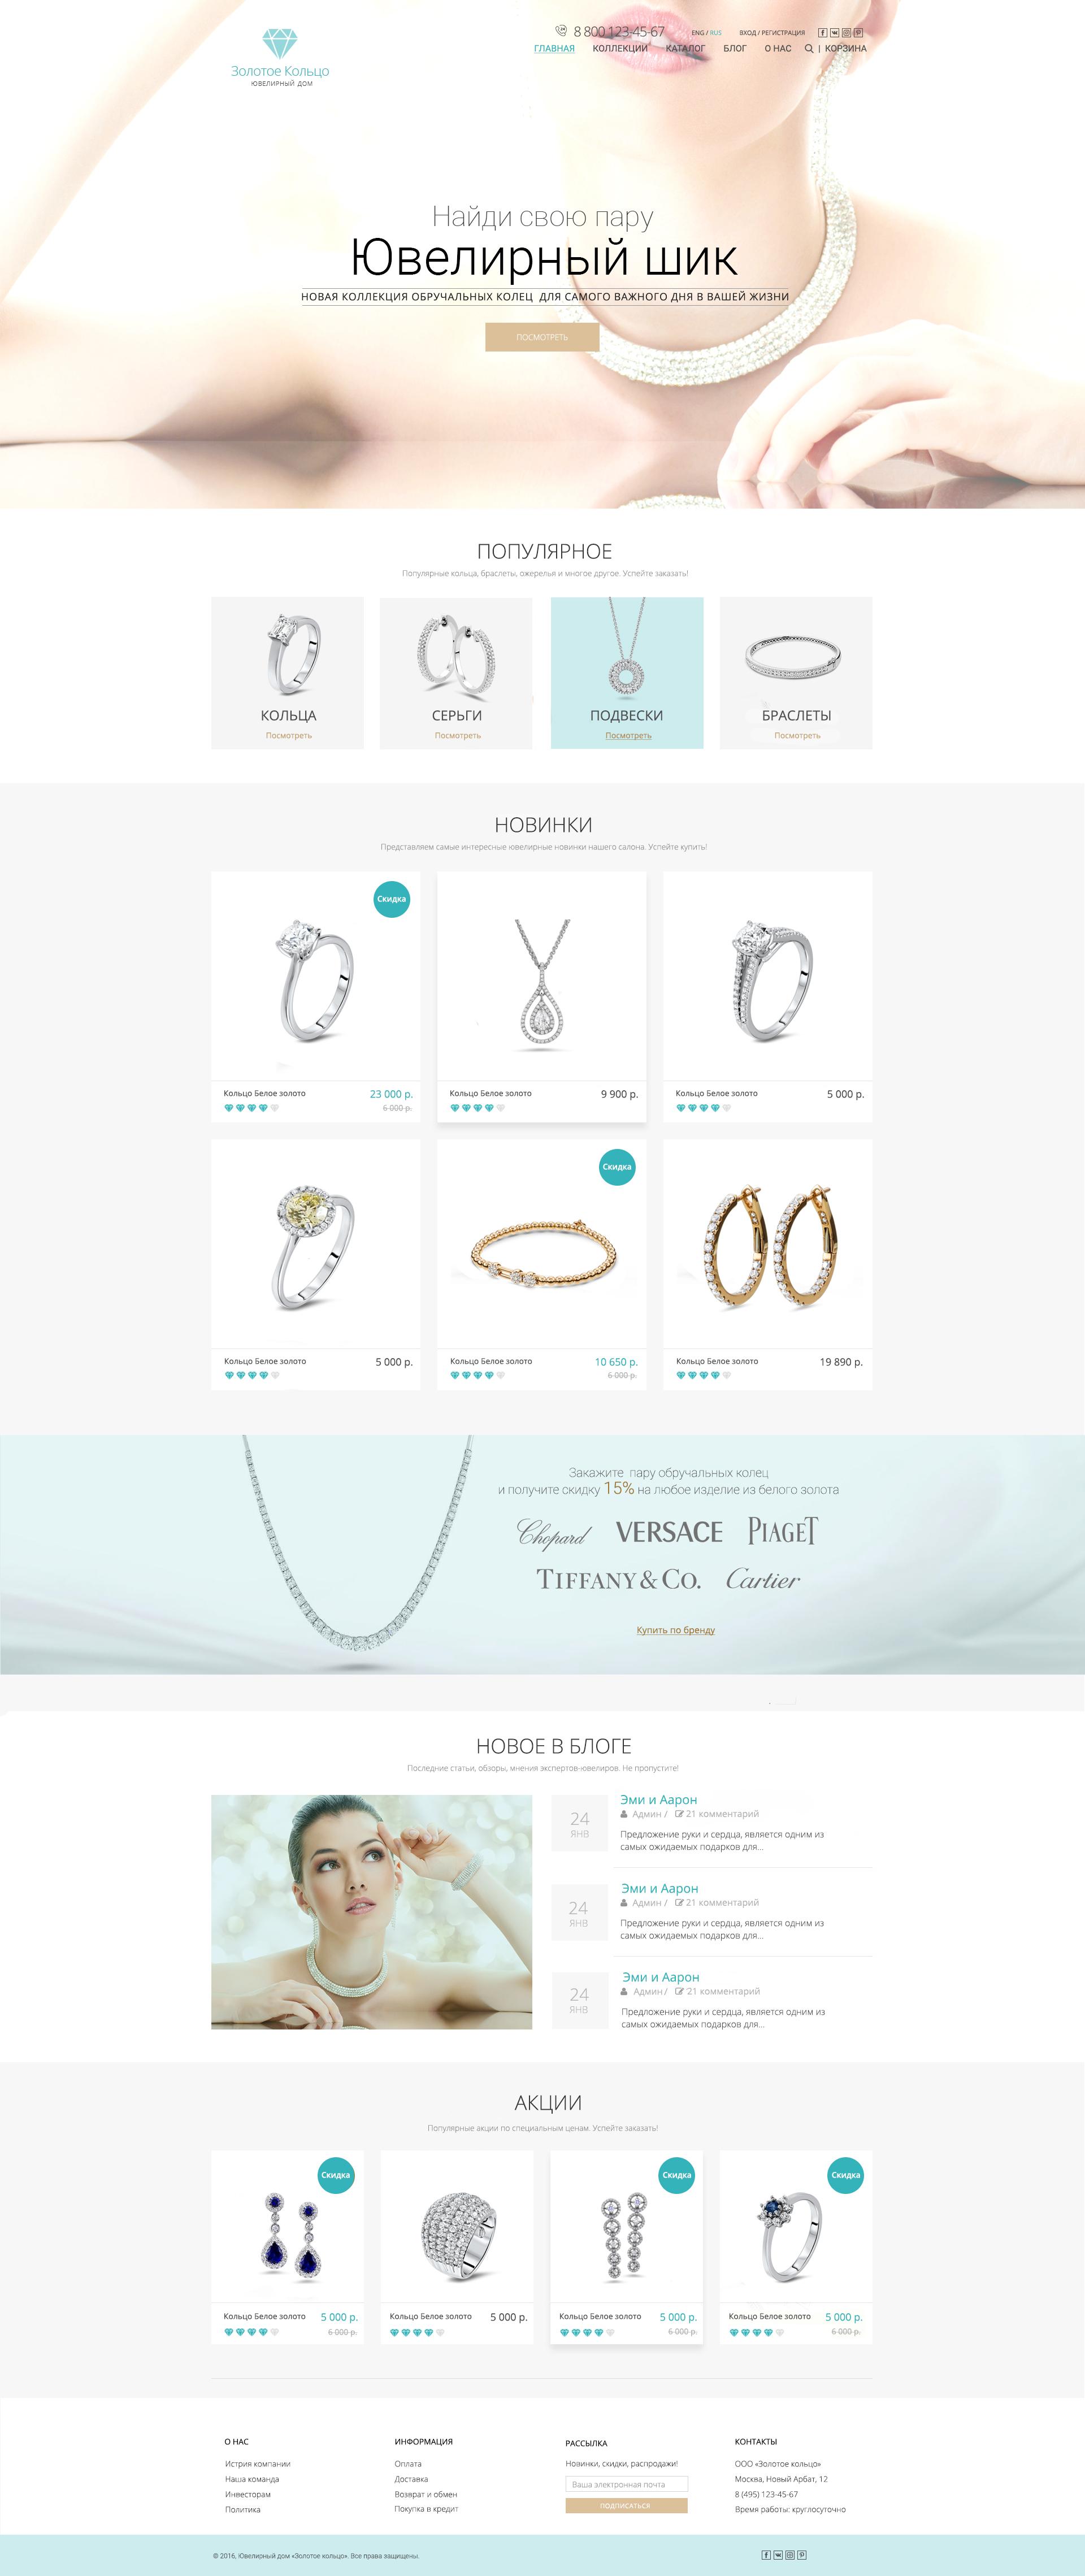 дизайн сайта интернет магазина бижутерии